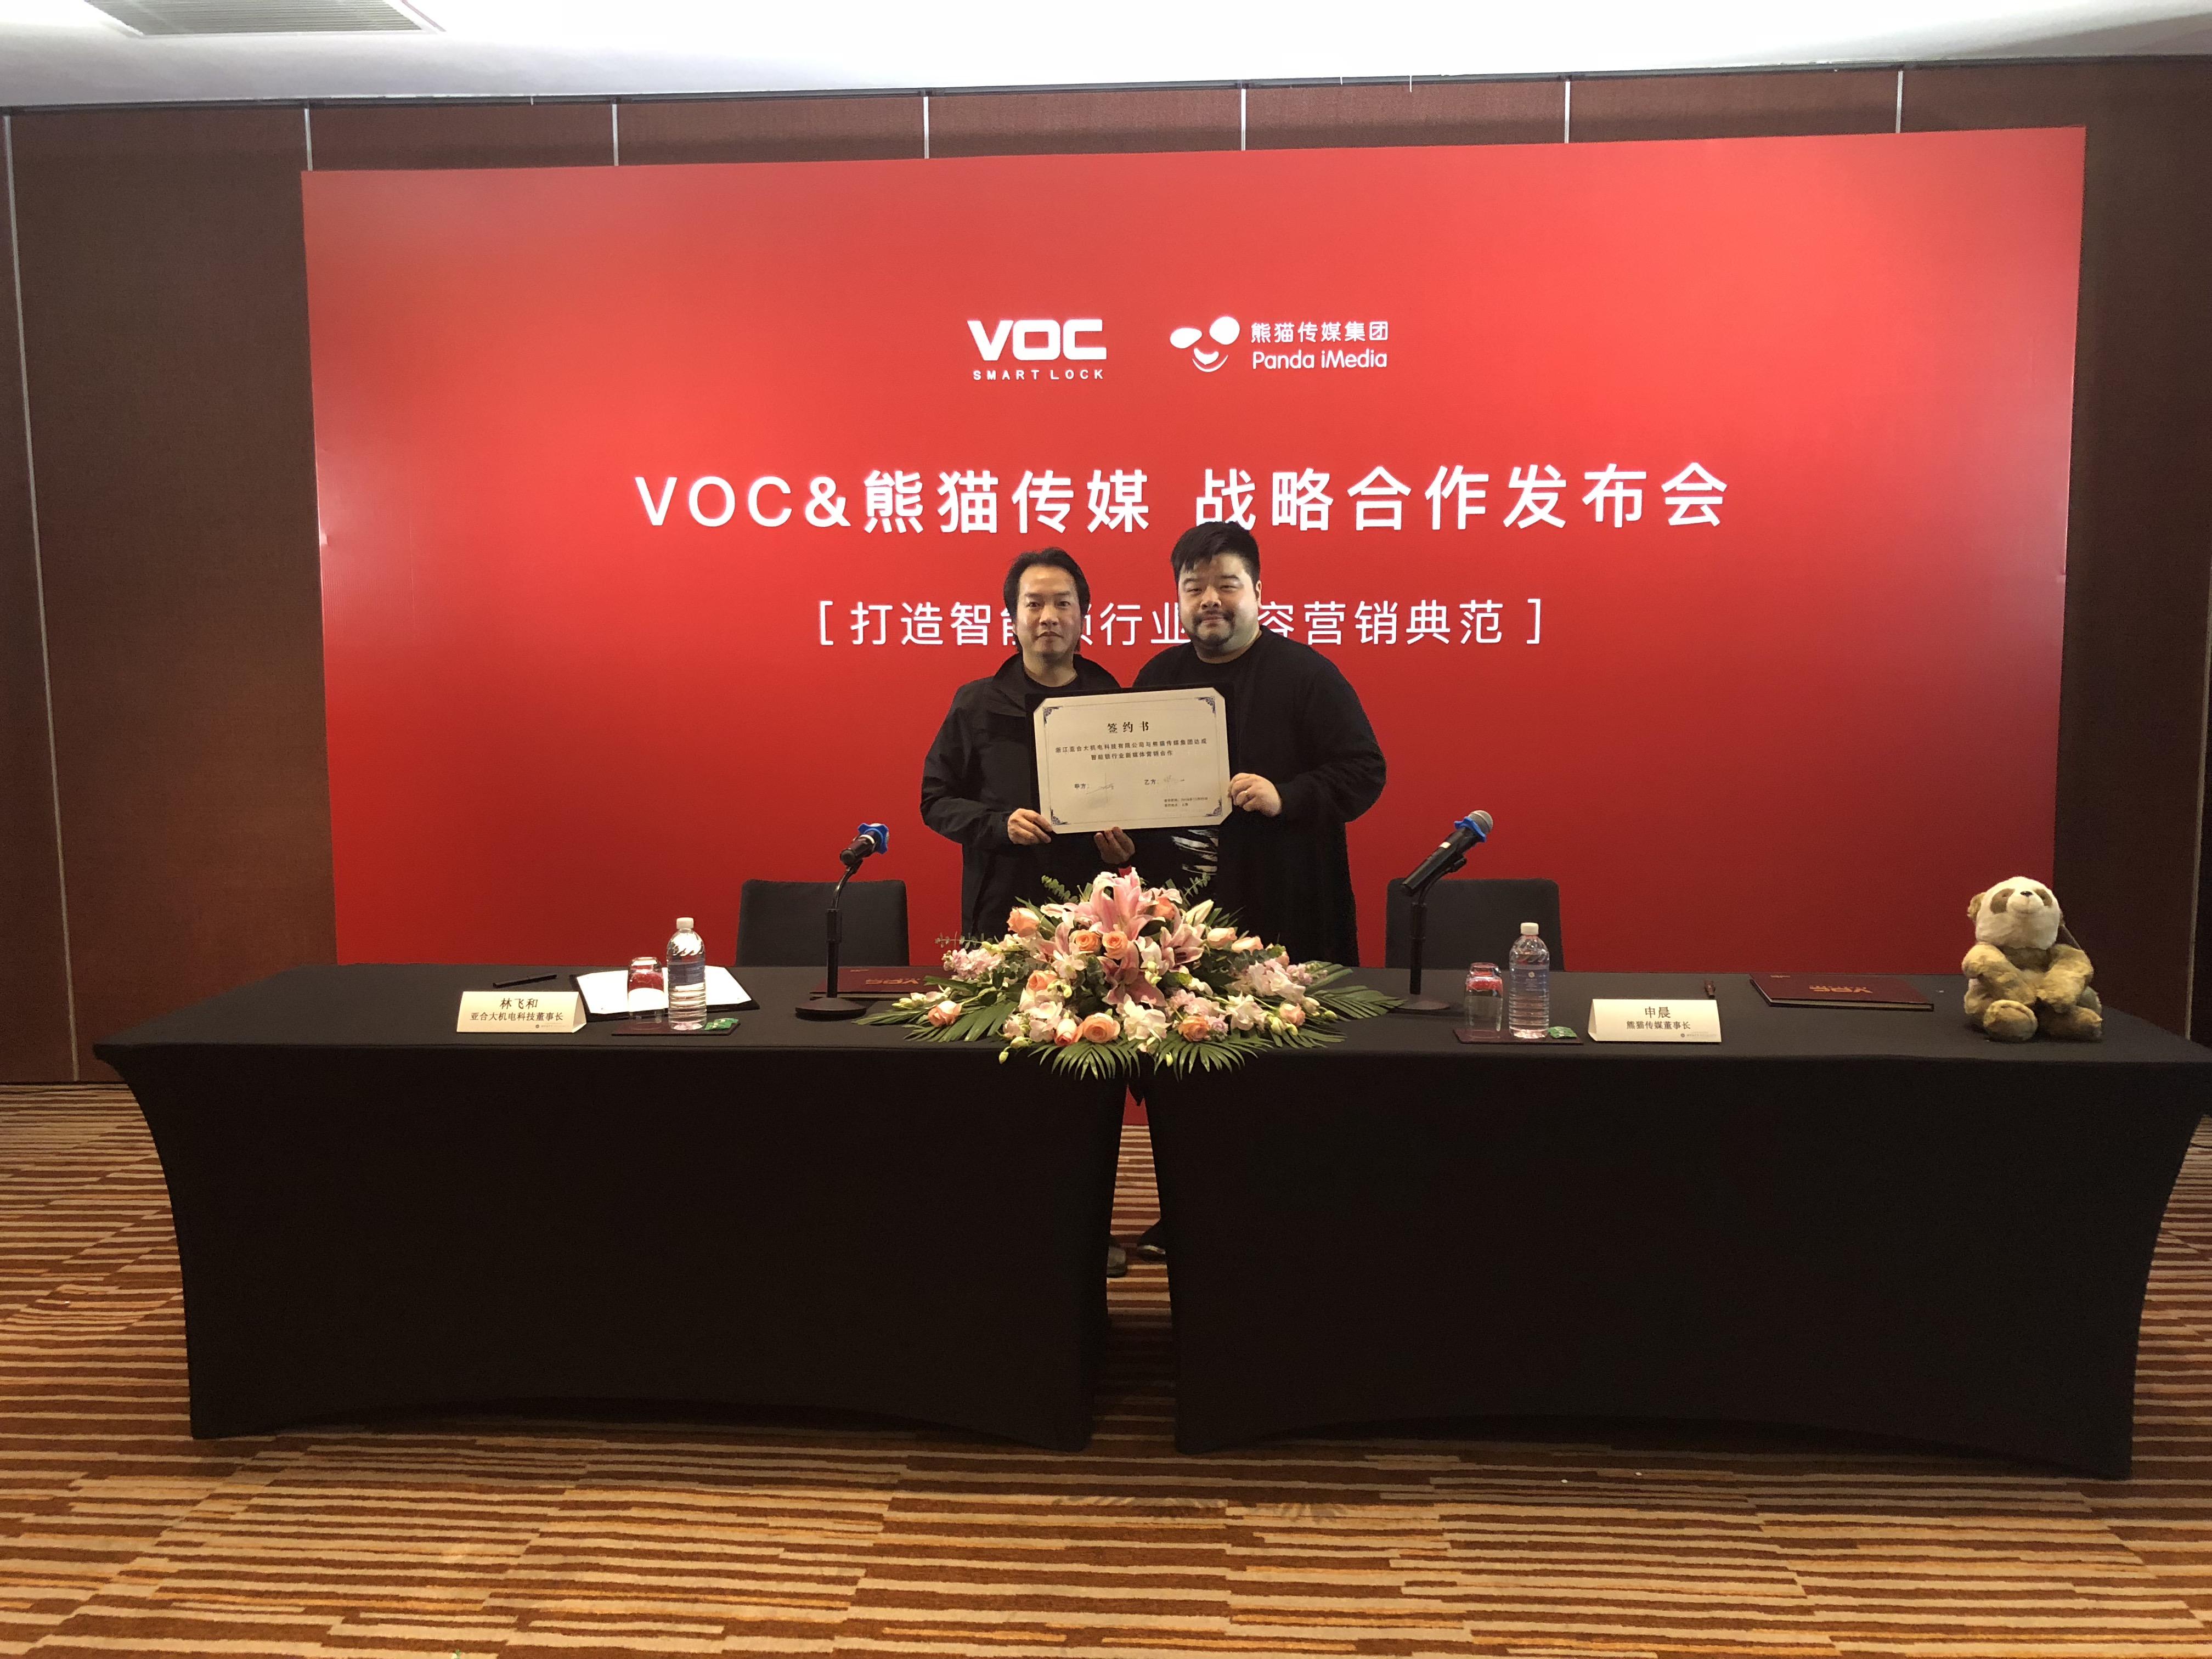 打造正能量|VOC联手顶级互联网传媒平台打造业内最好内容营销品牌